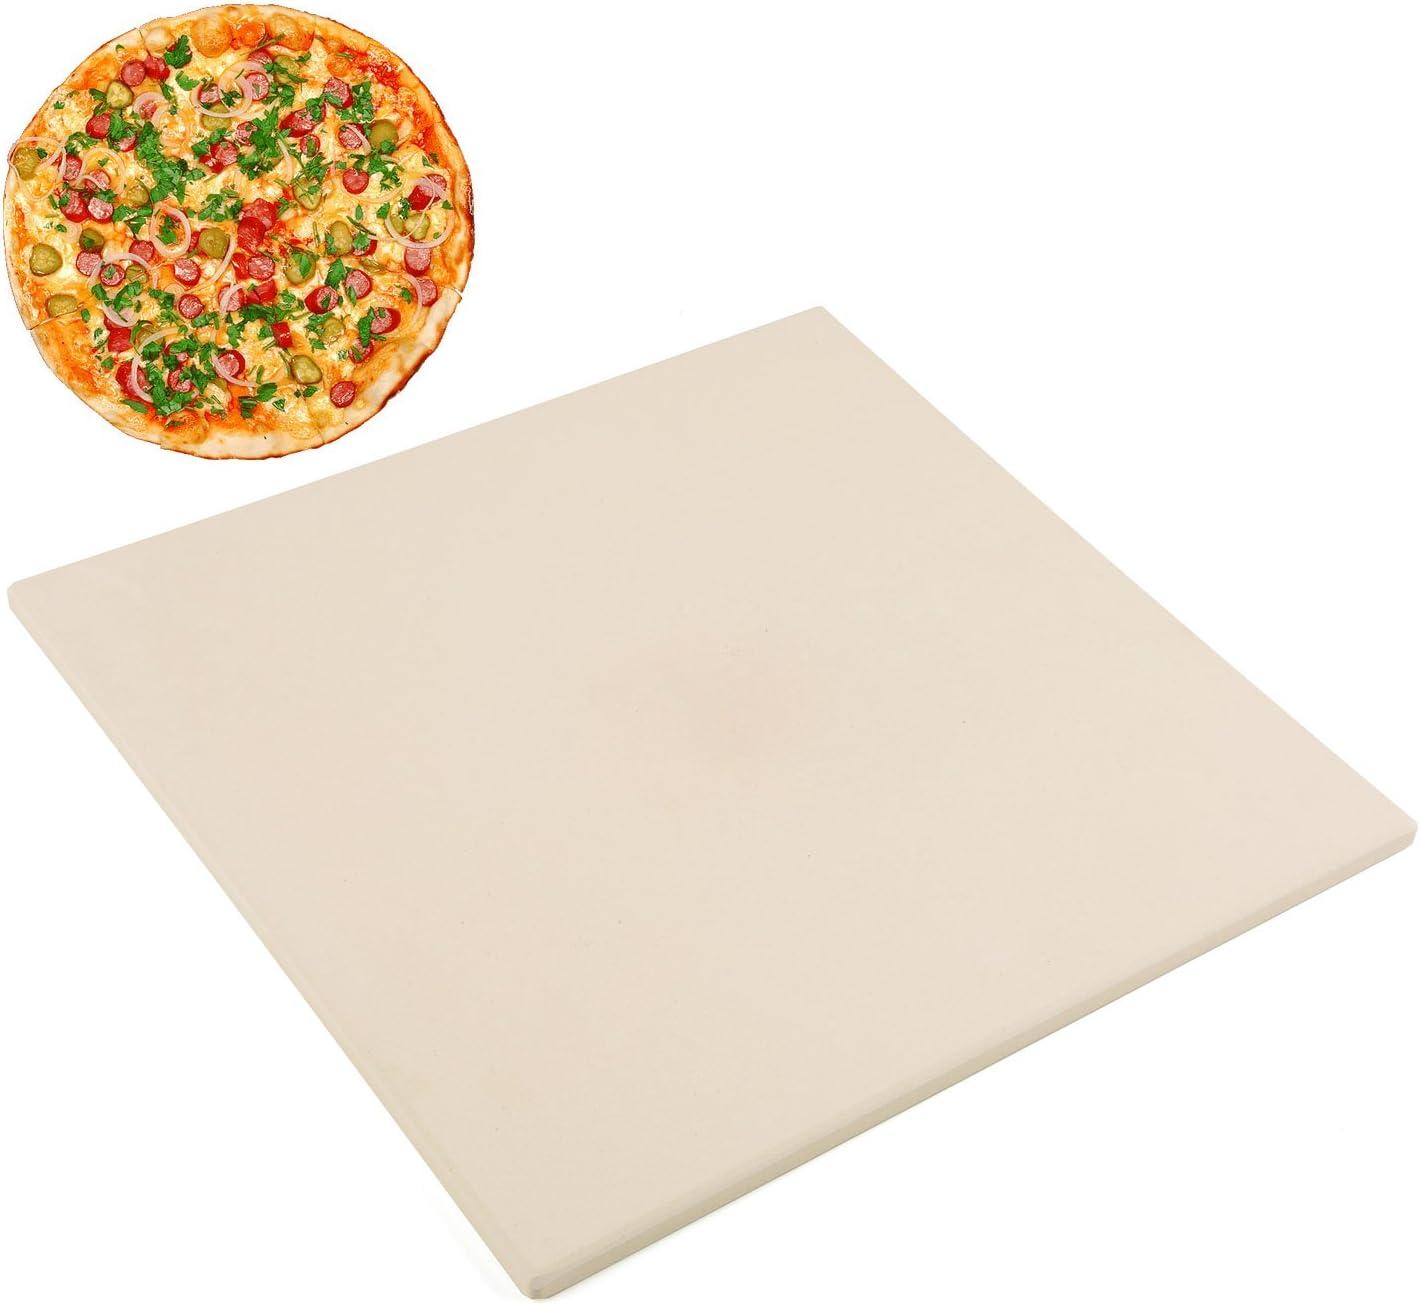 """Waykea 12"""" x 12"""" Pizza Stone Square Baking Stone   Premium Cordierite Pizza Grilling Stone for Grill Oven RV Oven   Bake Homemade Golden Crispy Crust Pizza"""